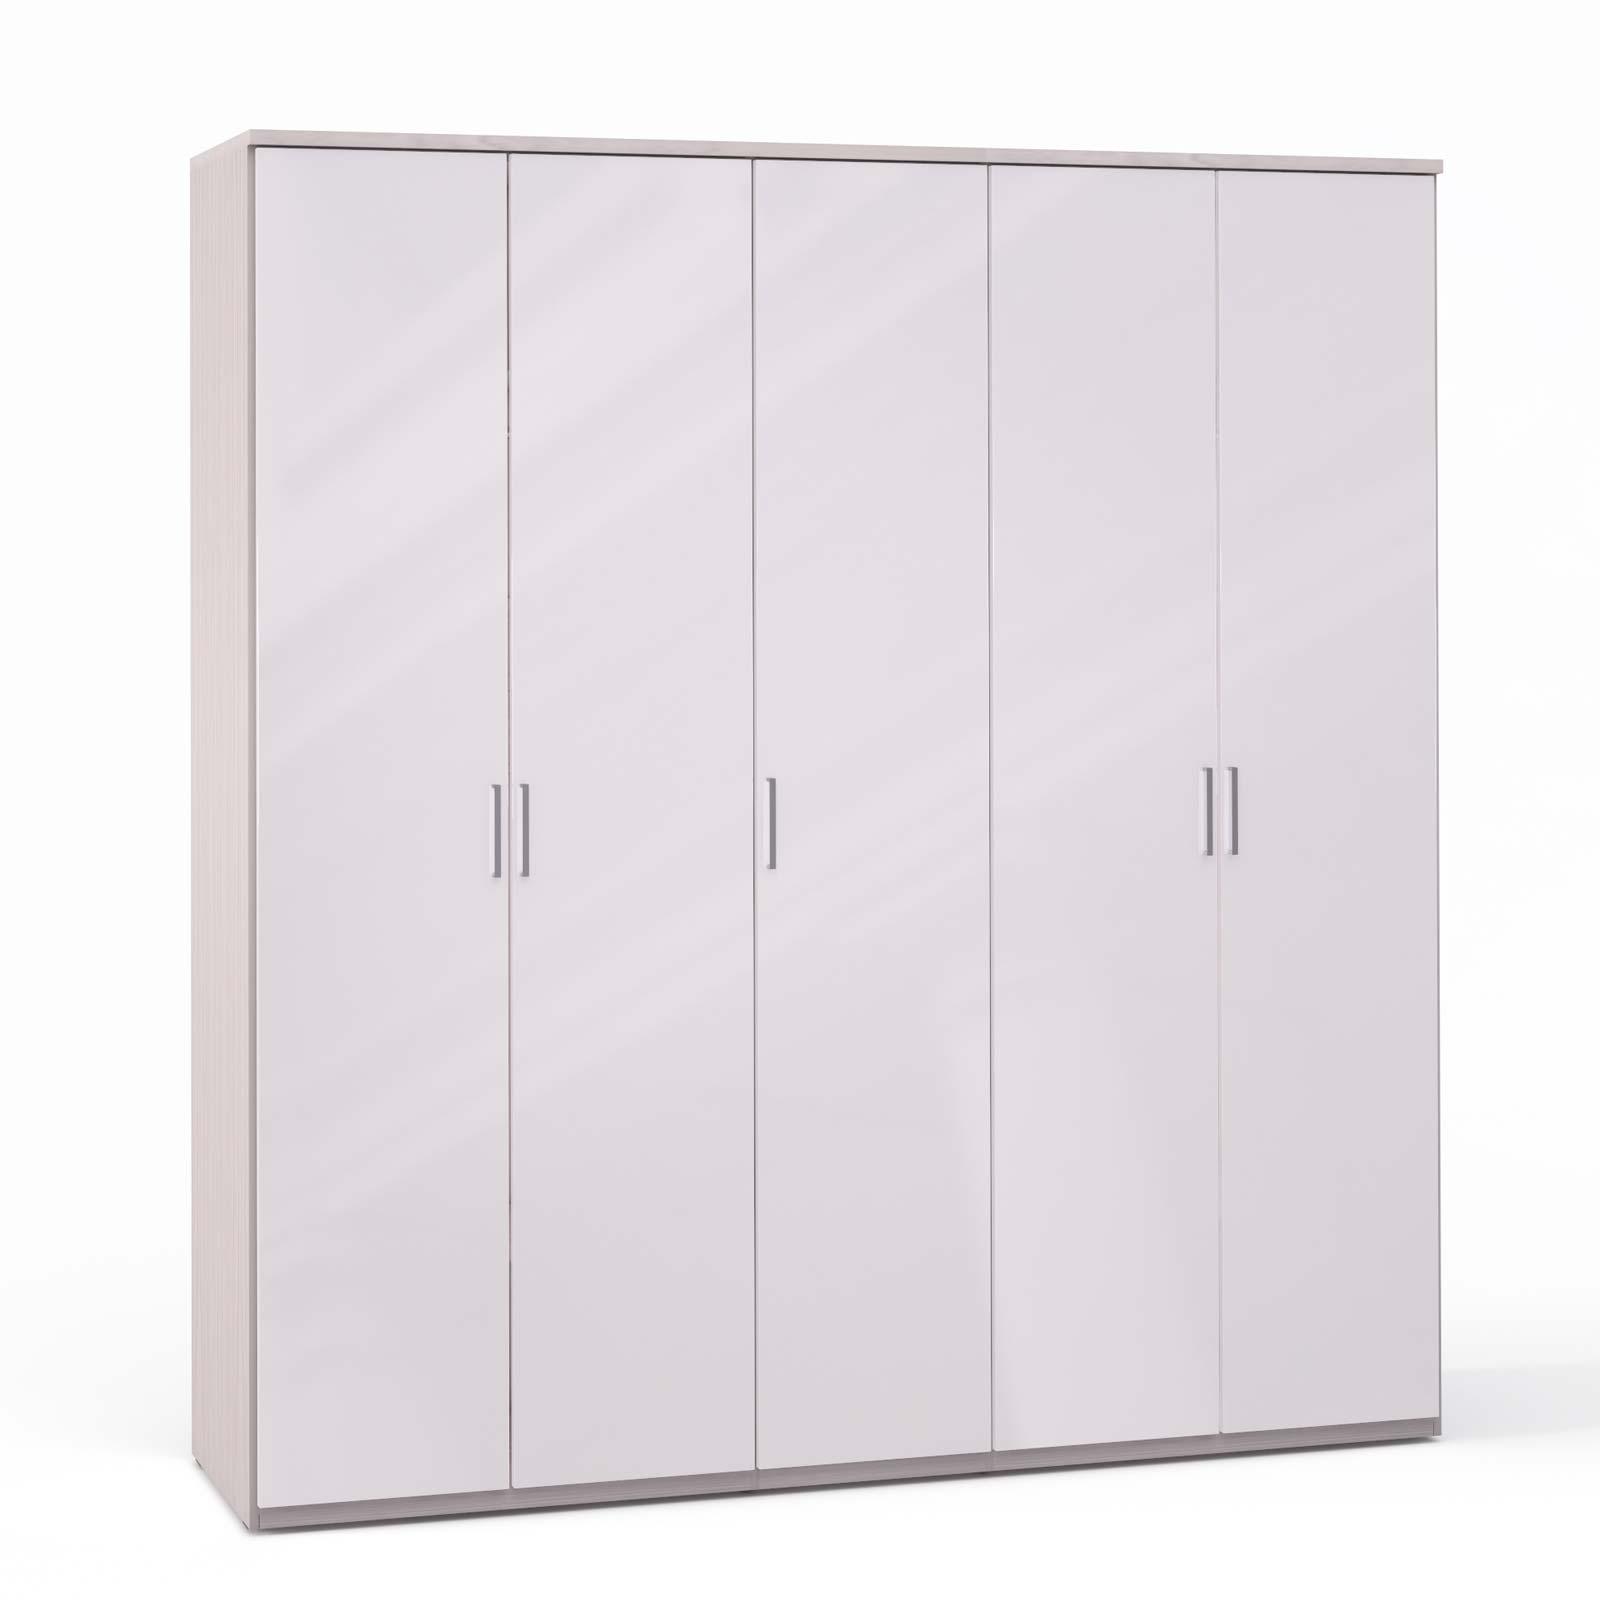 Спальня Rimini Ice Шкаф 5 дв. (2+1+2) - 5500